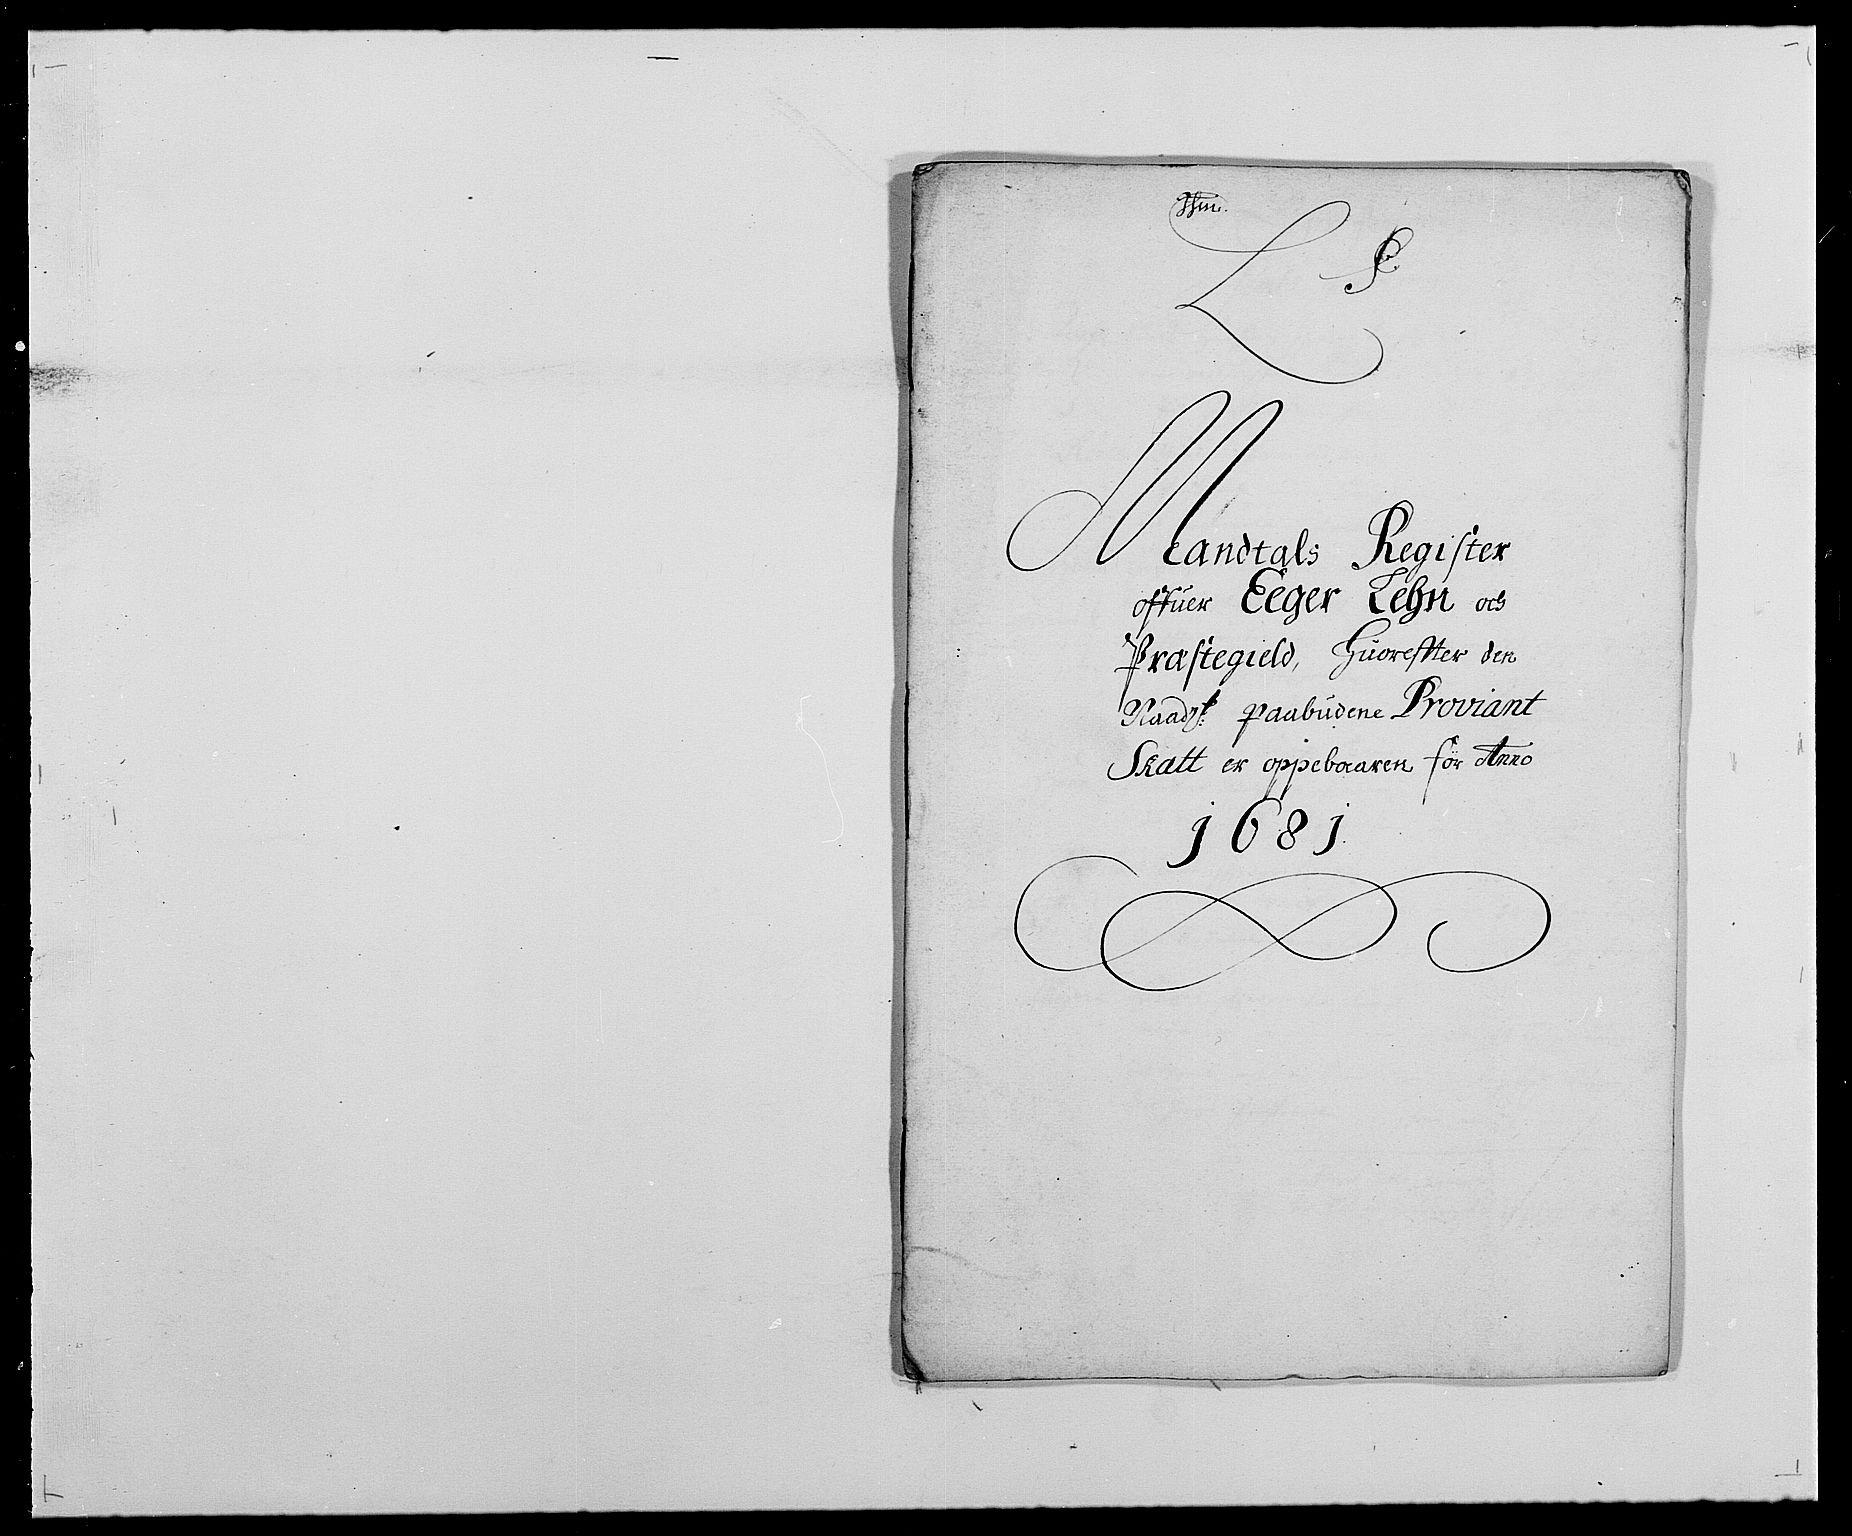 RA, Rentekammeret inntil 1814, Reviderte regnskaper, Fogderegnskap, R26/L1684: Fogderegnskap Eiker, 1679-1686, s. 213